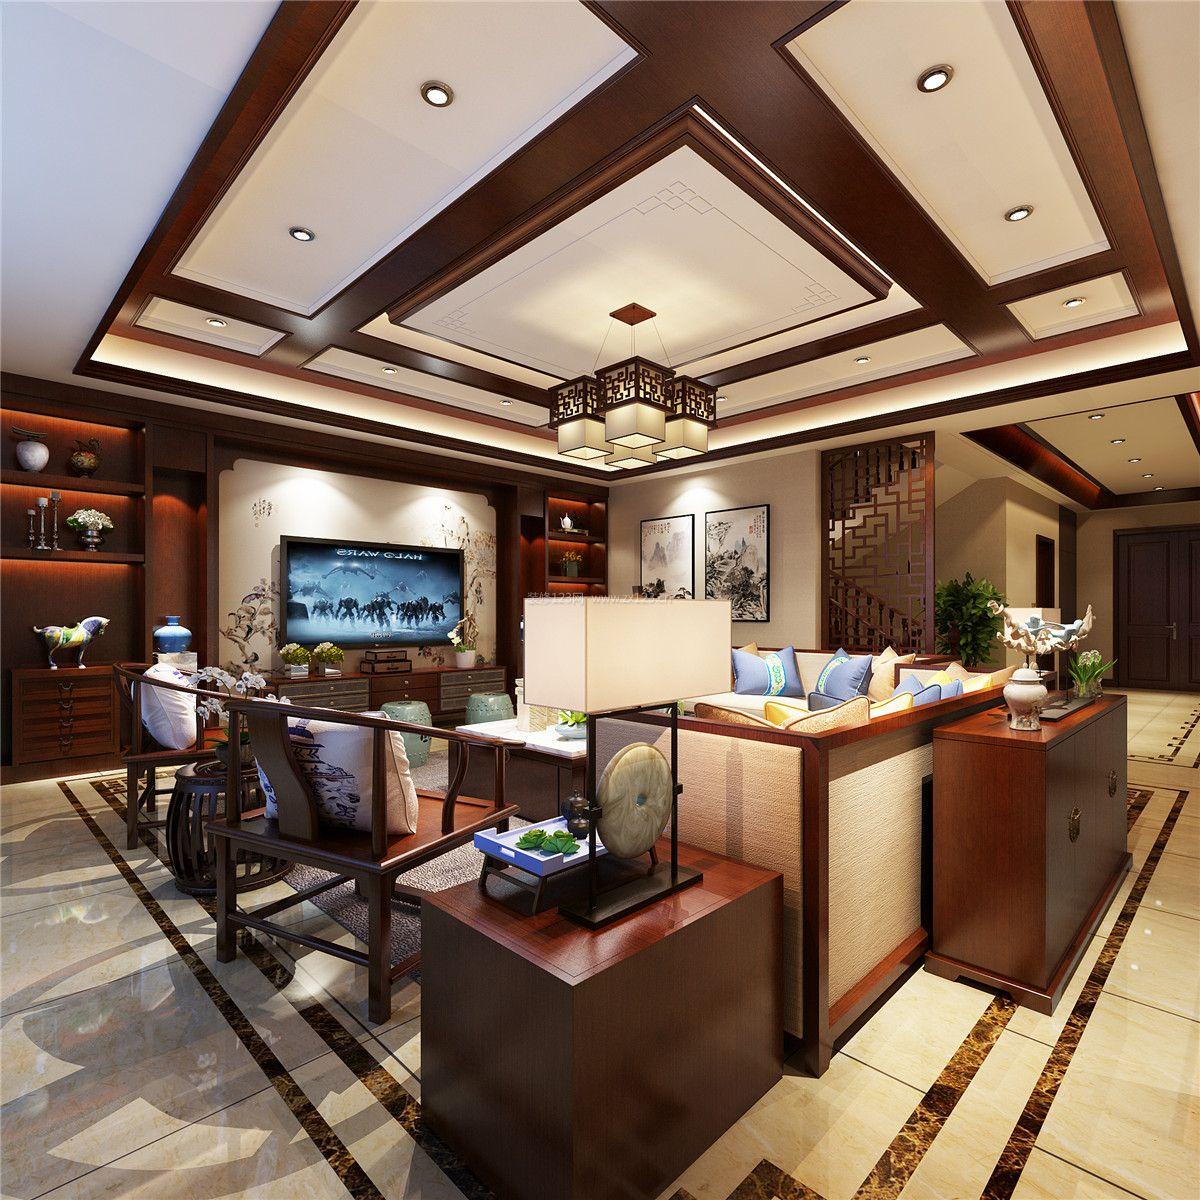 家装效果图 中式 新中式客厅吊顶造型装修效果图片大全 提供者:   ←